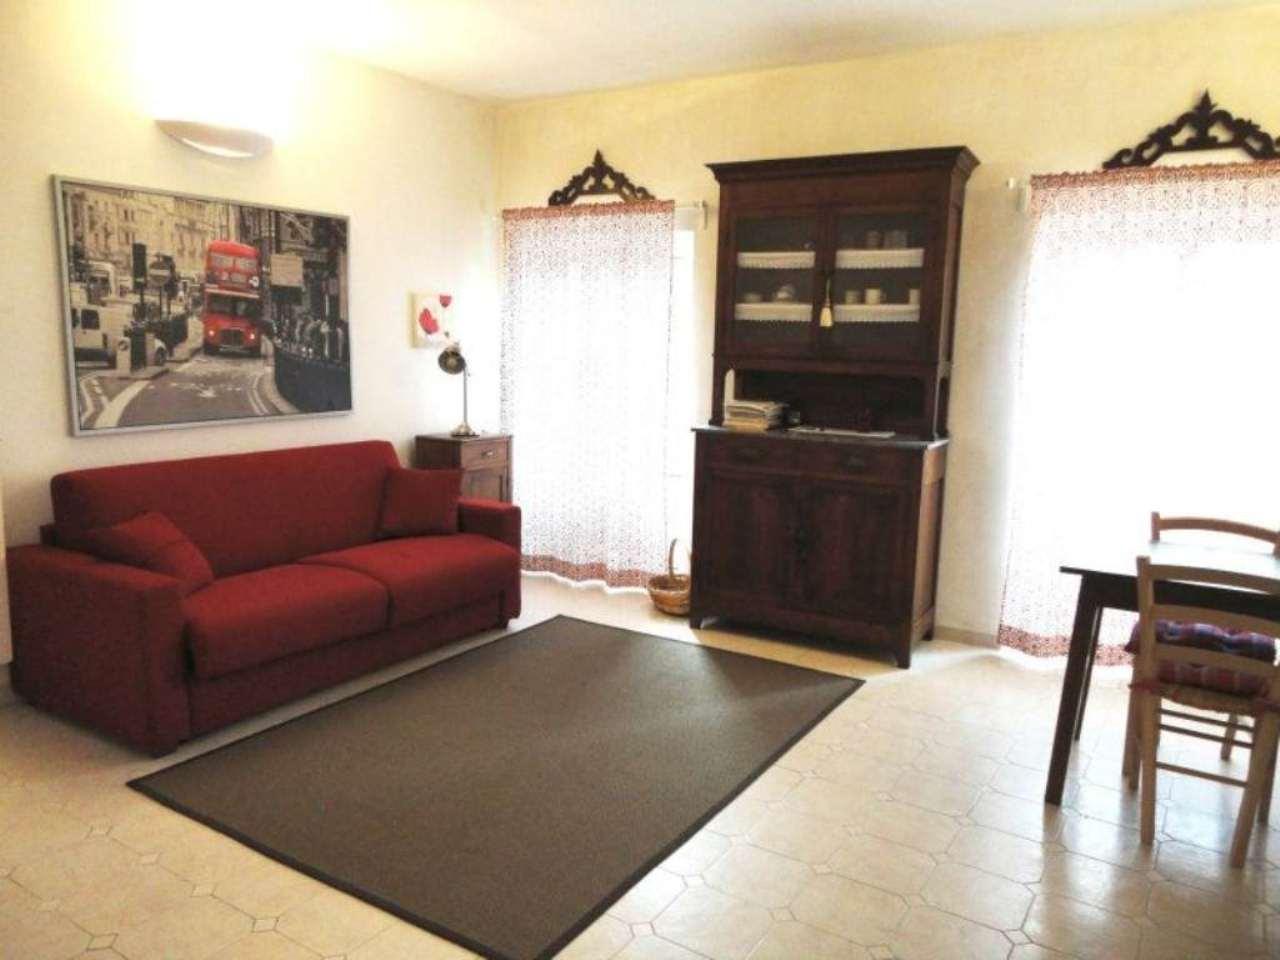 Appartamento in vendita a Cicagna, 3 locali, prezzo € 69.000 | PortaleAgenzieImmobiliari.it